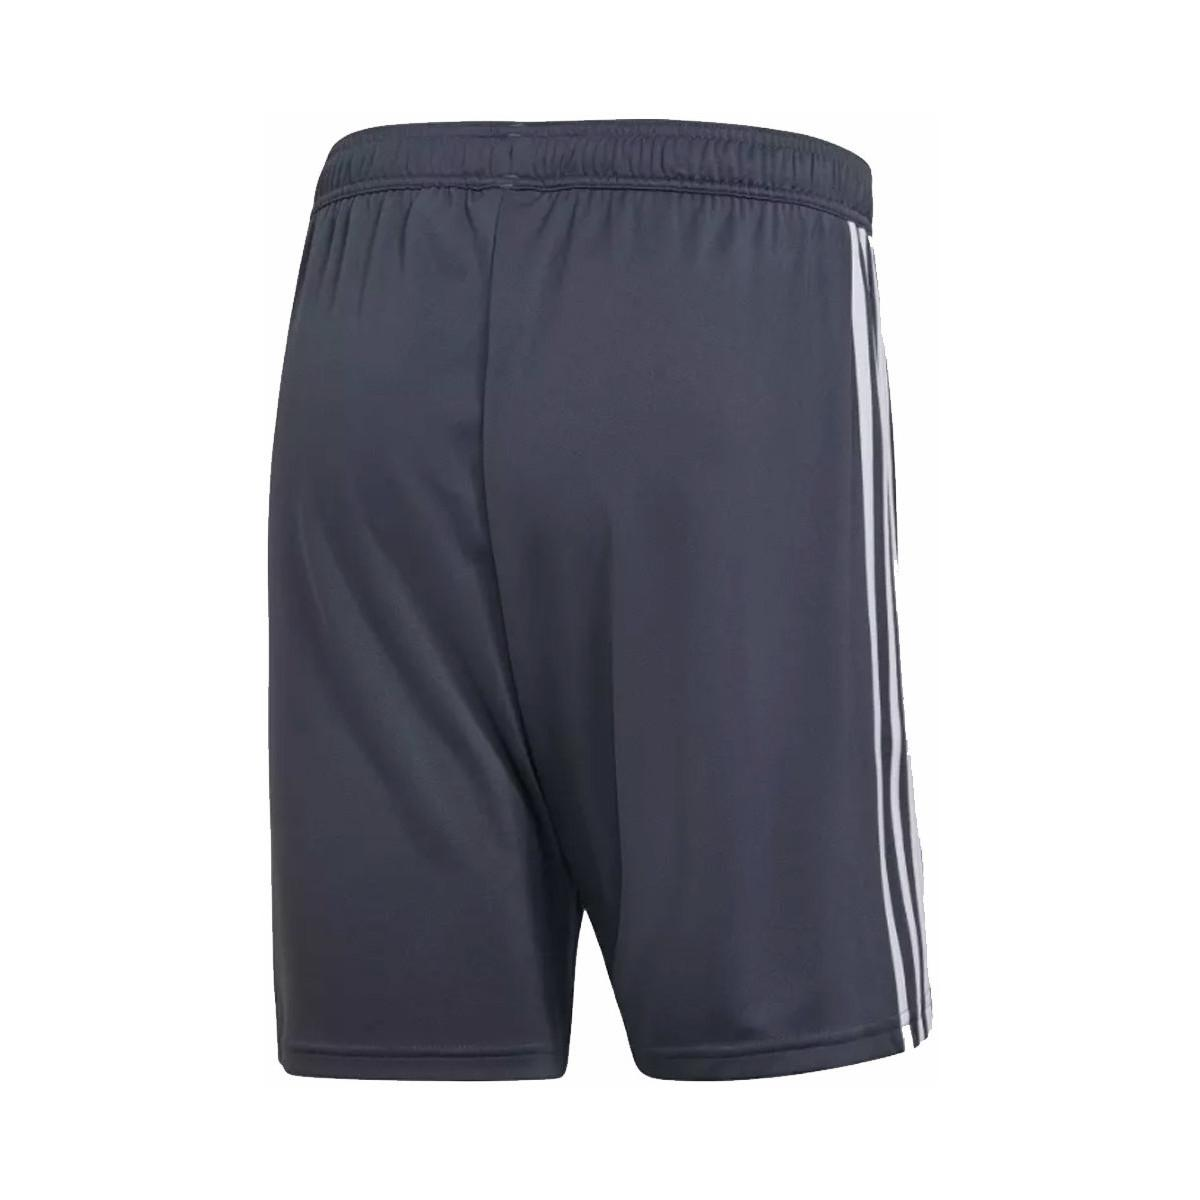 Adidas 2018-2019 Bayern Munich Third Shorts (dark) Men s Shorts In ... 8c5c1685993